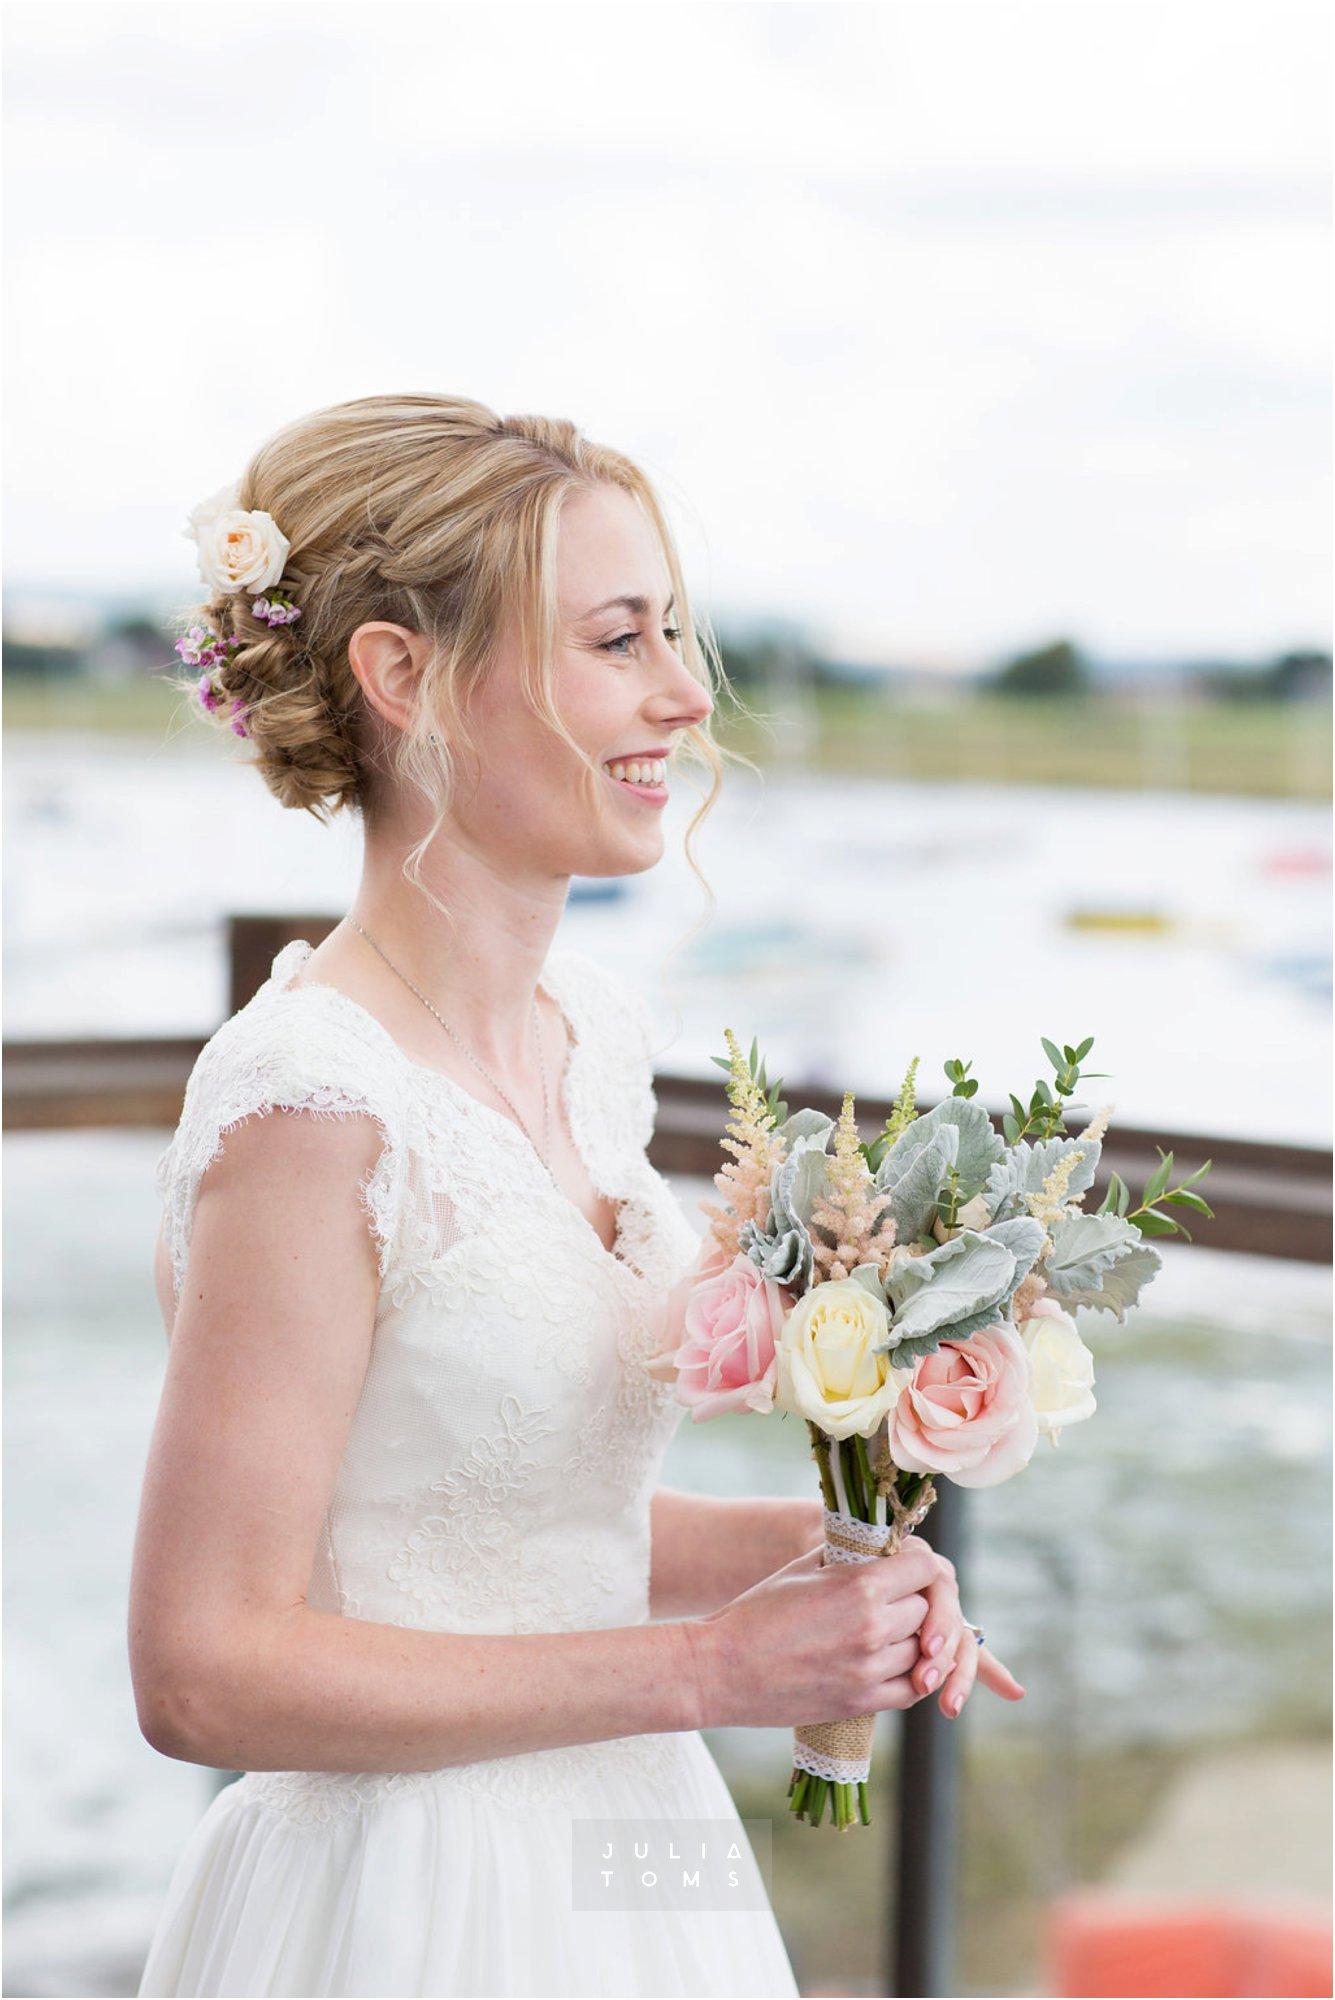 itchenor_wedding_chichester_photographer_014.jpg